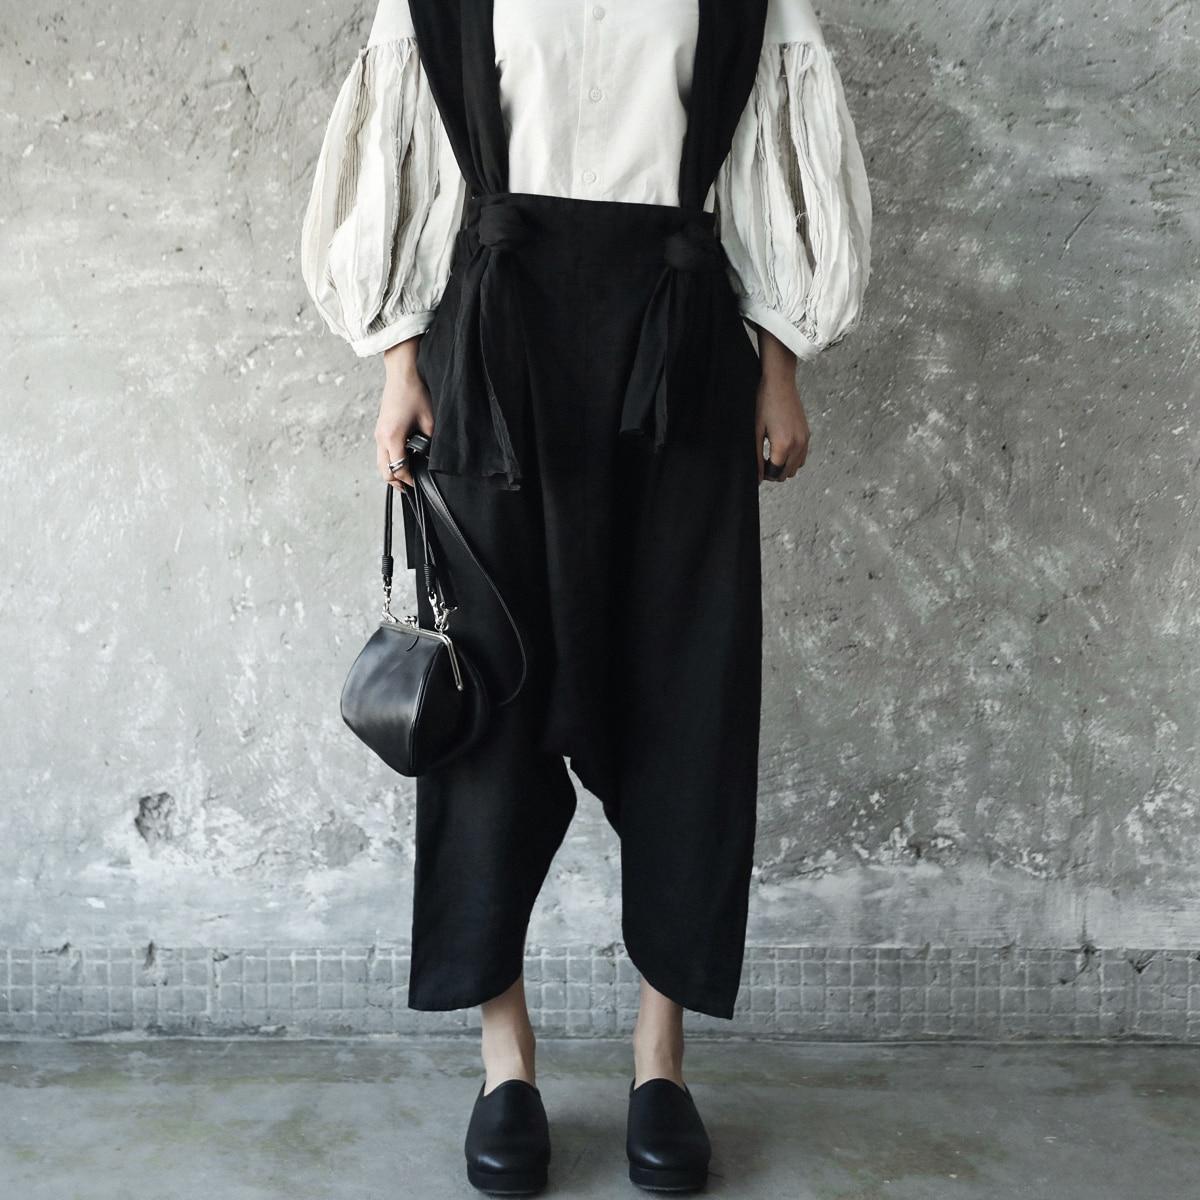 Femmes Et Cheville Couleur Lâche Été Mode Pantalons Casual Salopette Nouvelle Pantalon longueur Black Coton En Solide 2018 Sauvage Superaen Printemps IPgBwx